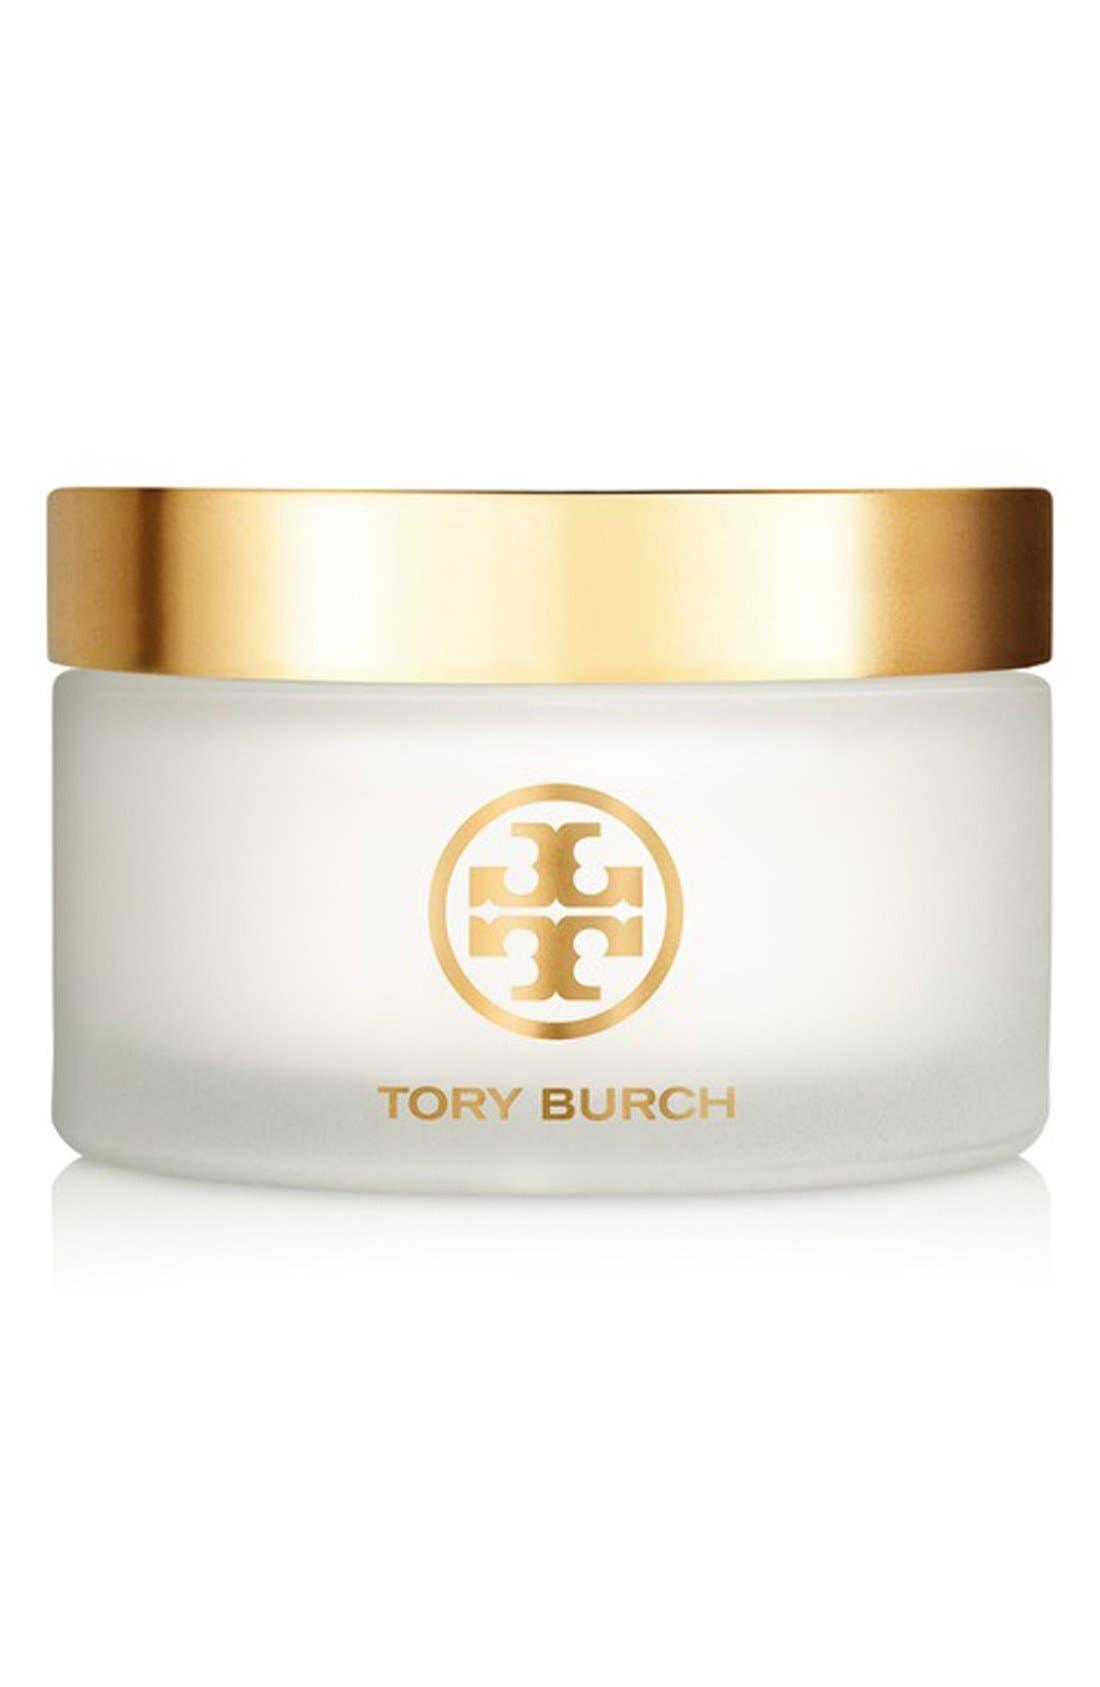 Tory Burch 'Jolie Fleur - Crème de Florale' Body Cream